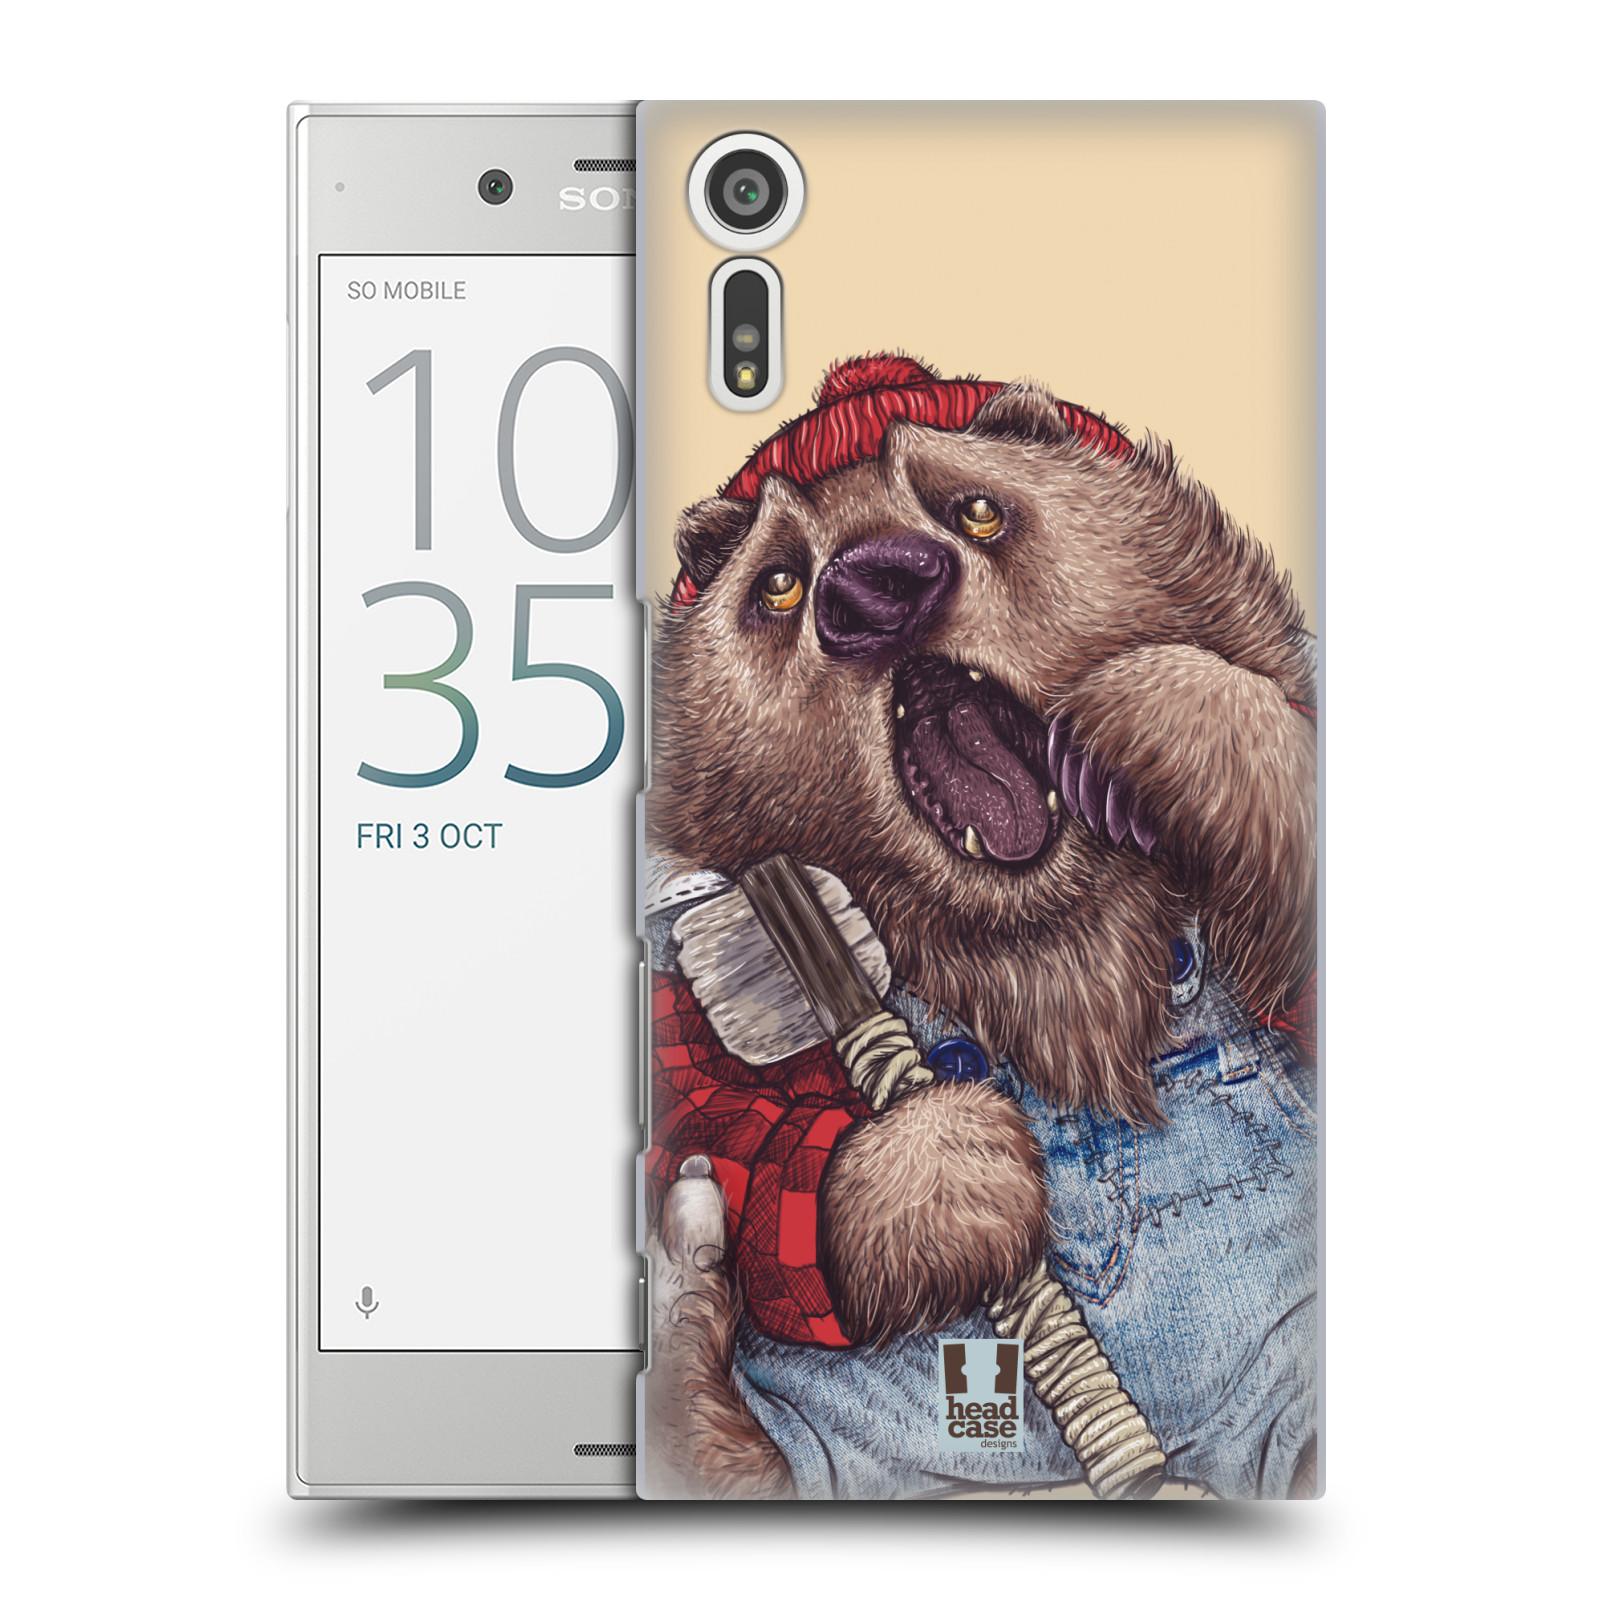 HEAD CASE plastový obal na mobil Sony Xperia XZ vzor Kreslená zvířátka medvěd